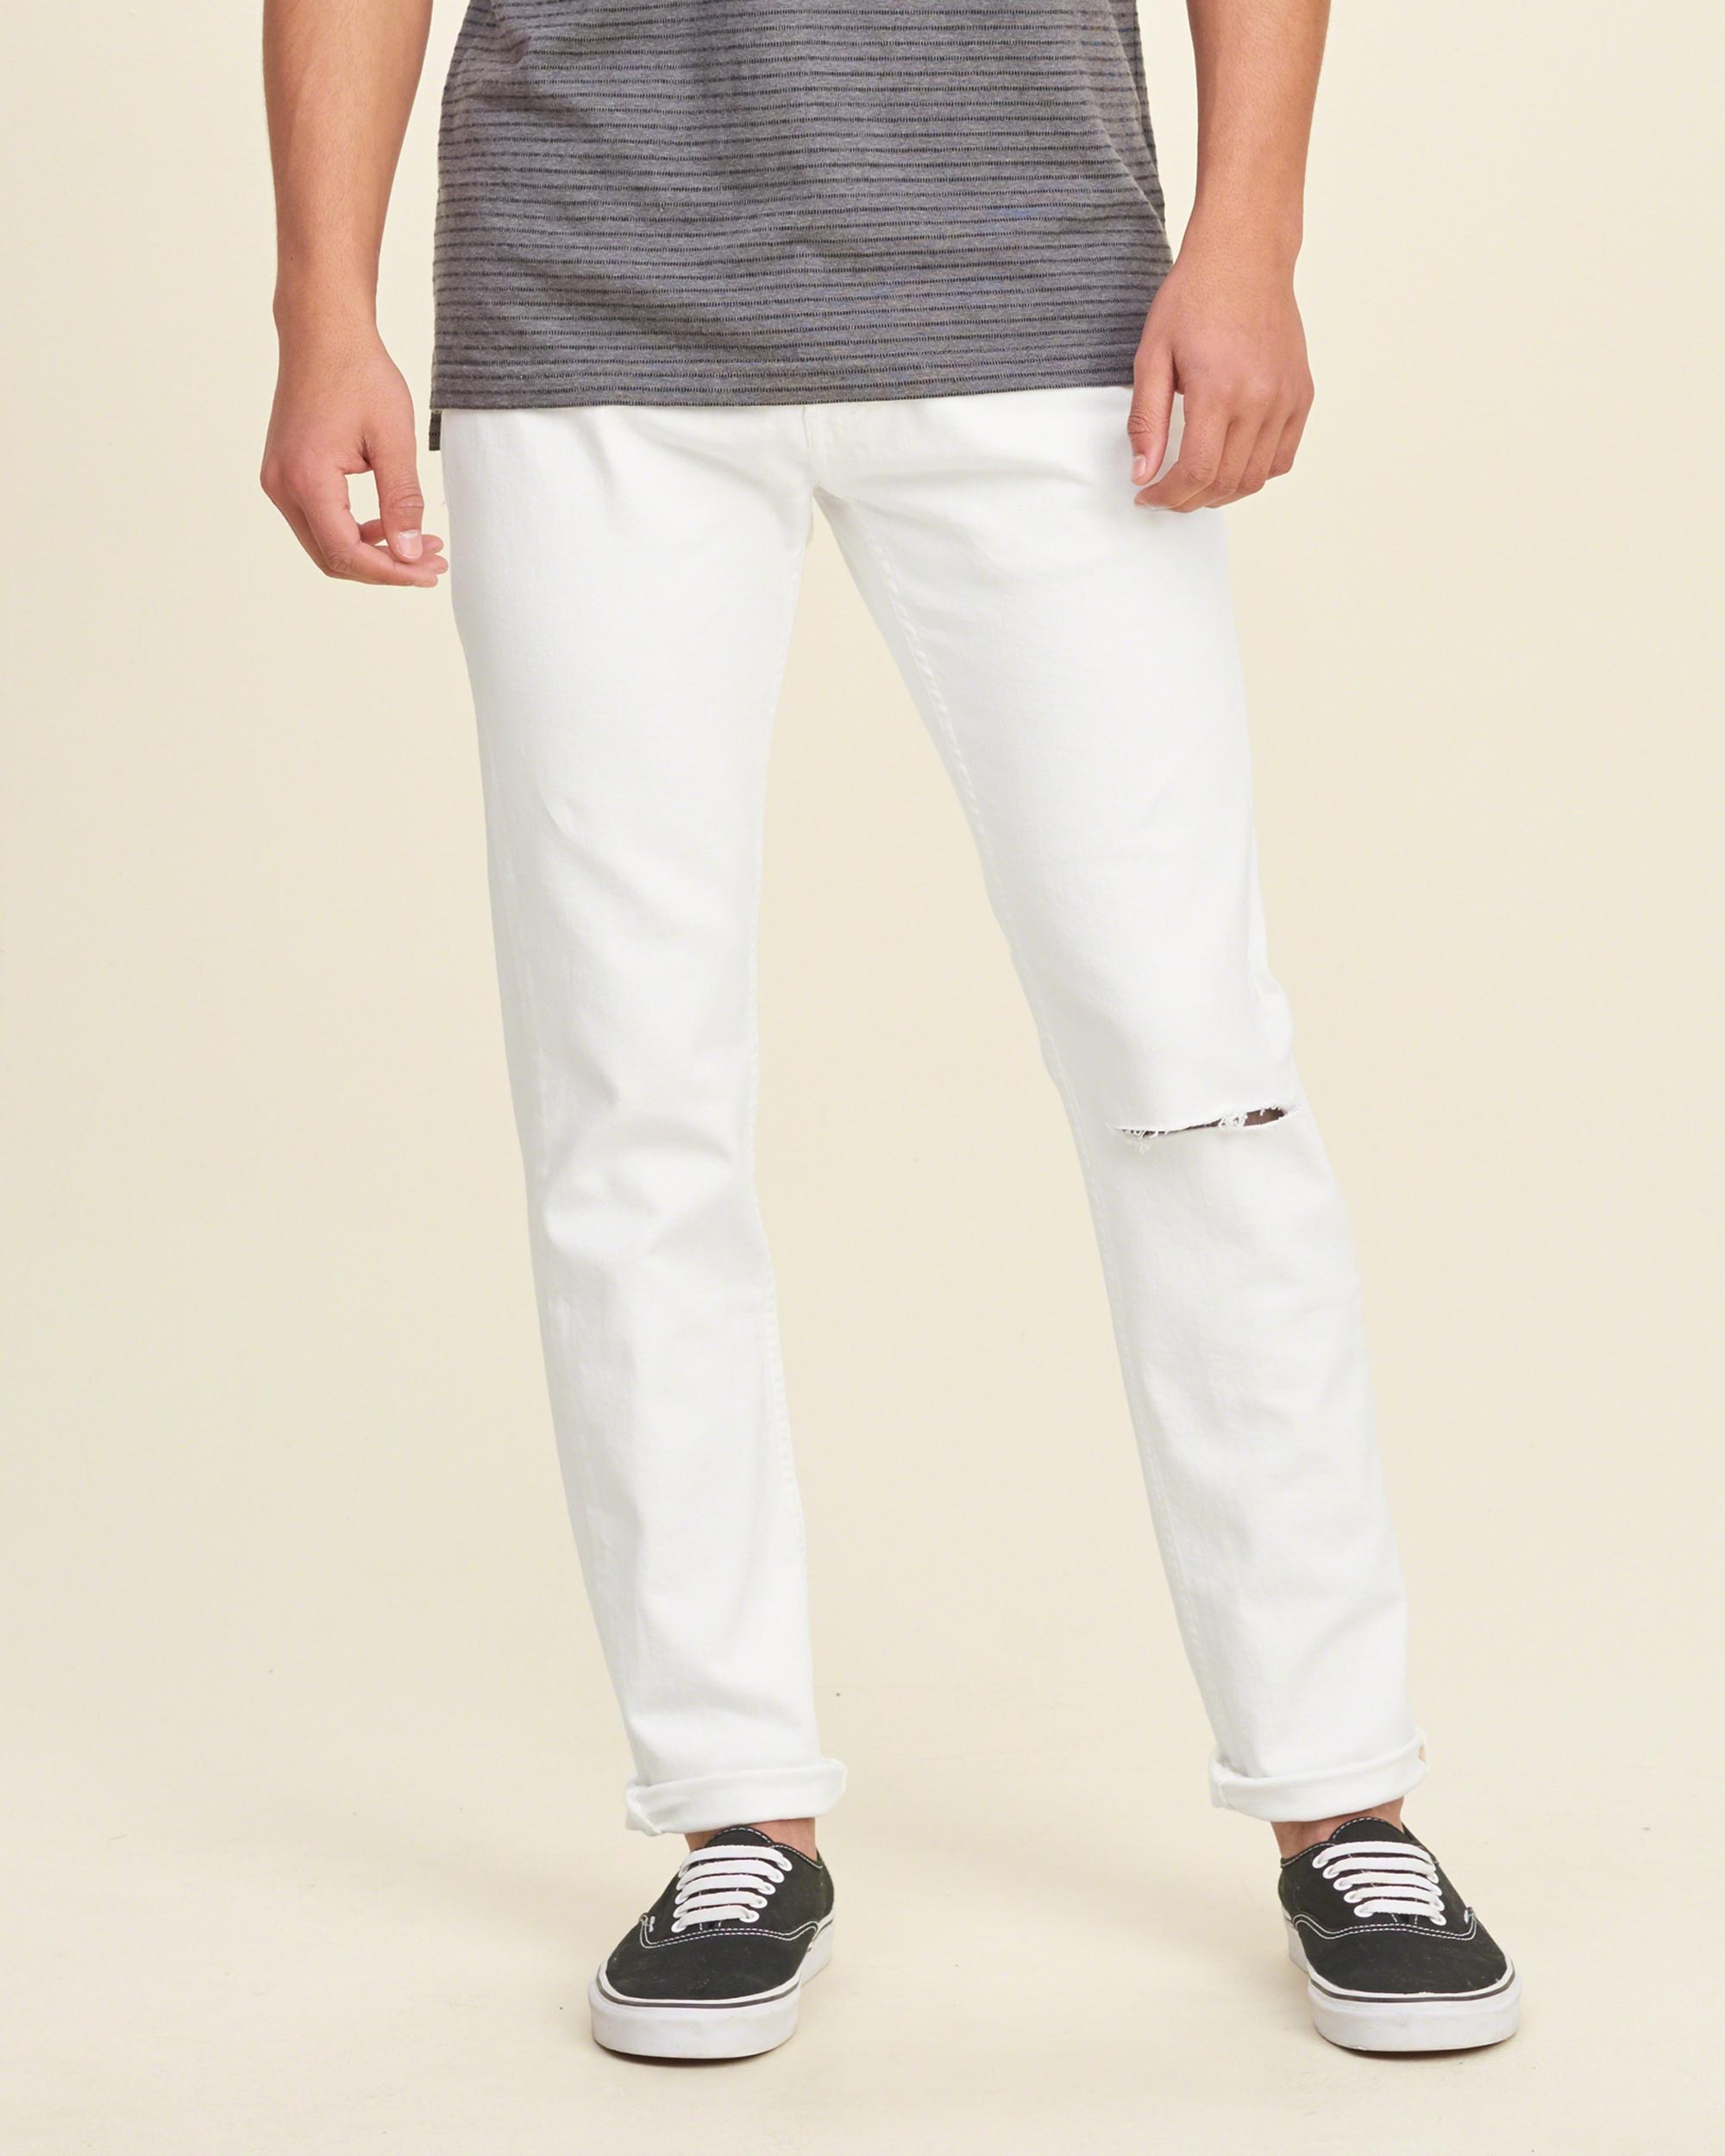 Lyst - Hollister Skinny Jeans in White for Men